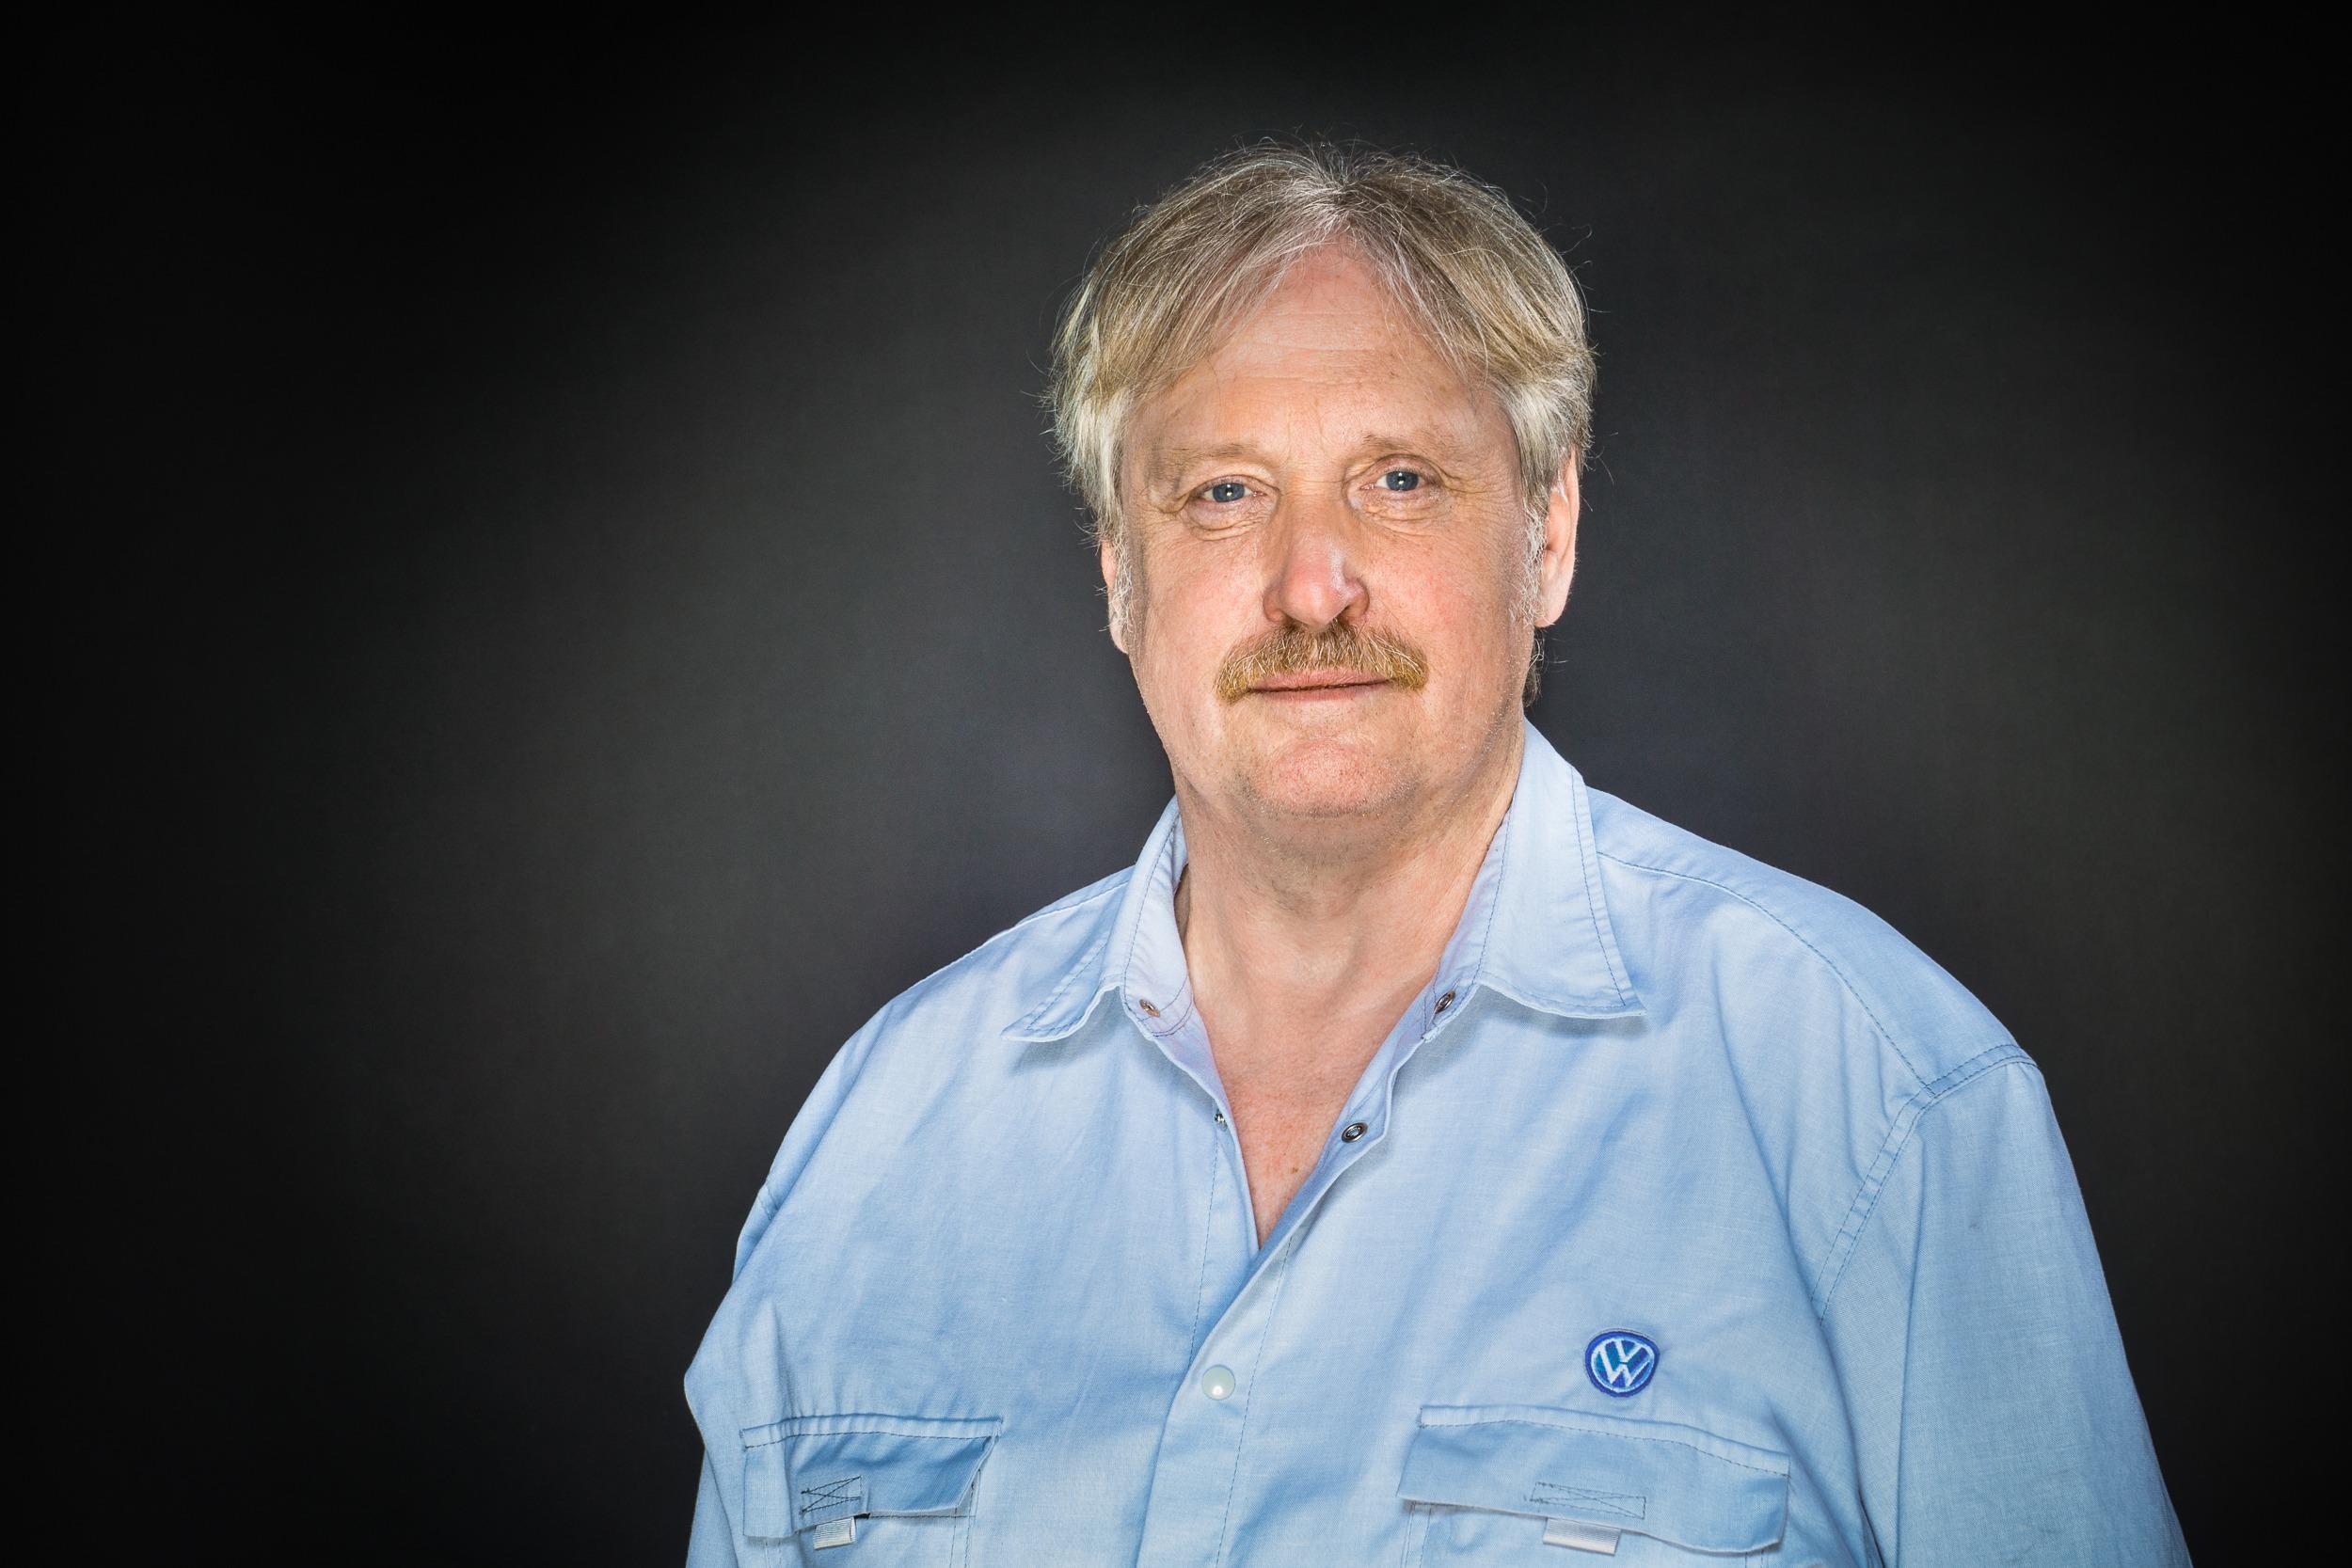 Jürgen Moecker